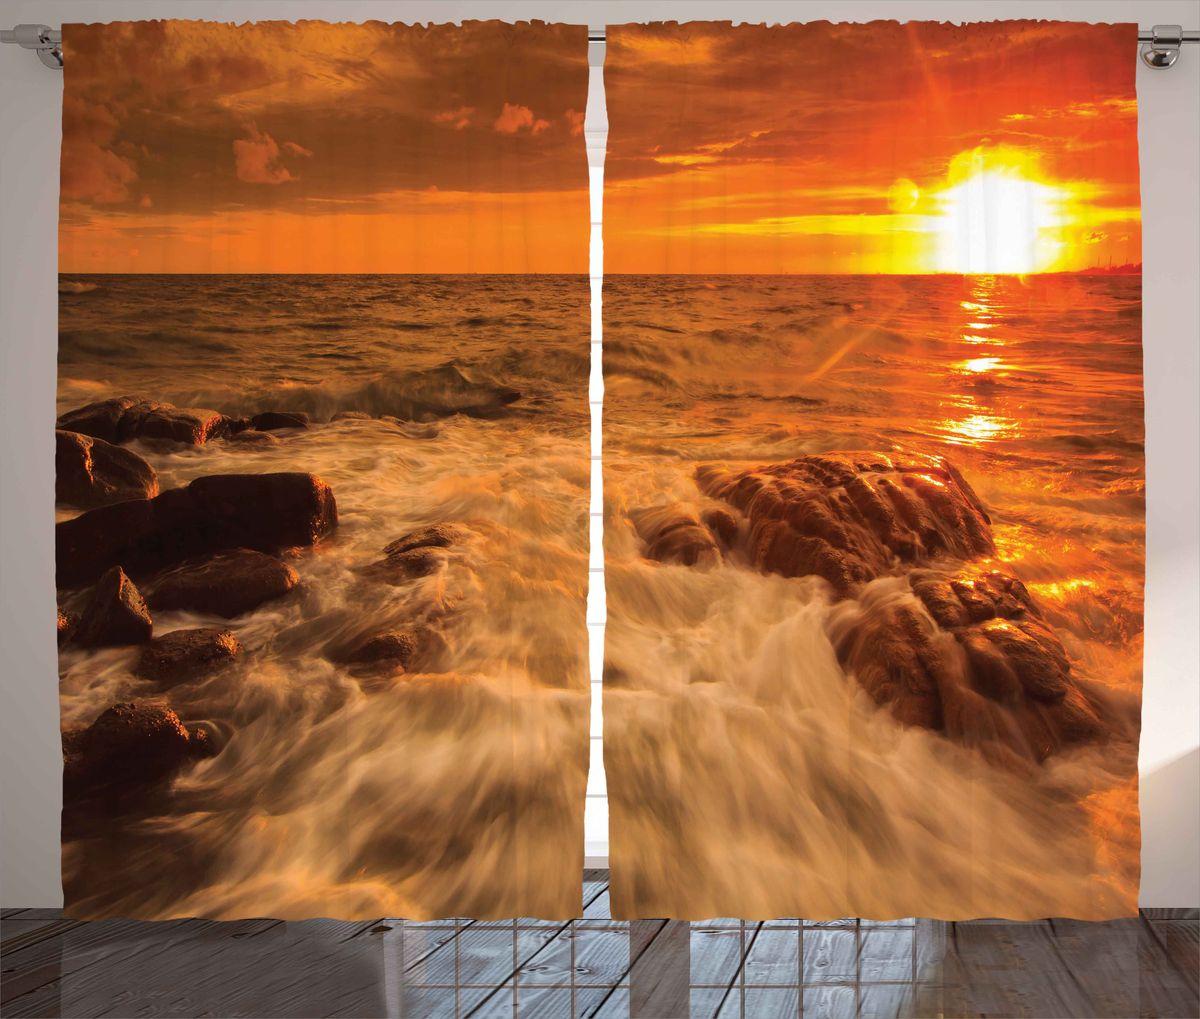 Комплект фотоштор Magic Lady Оранжевый теплый закат, на ленте, высота 265 см. шсг_8341